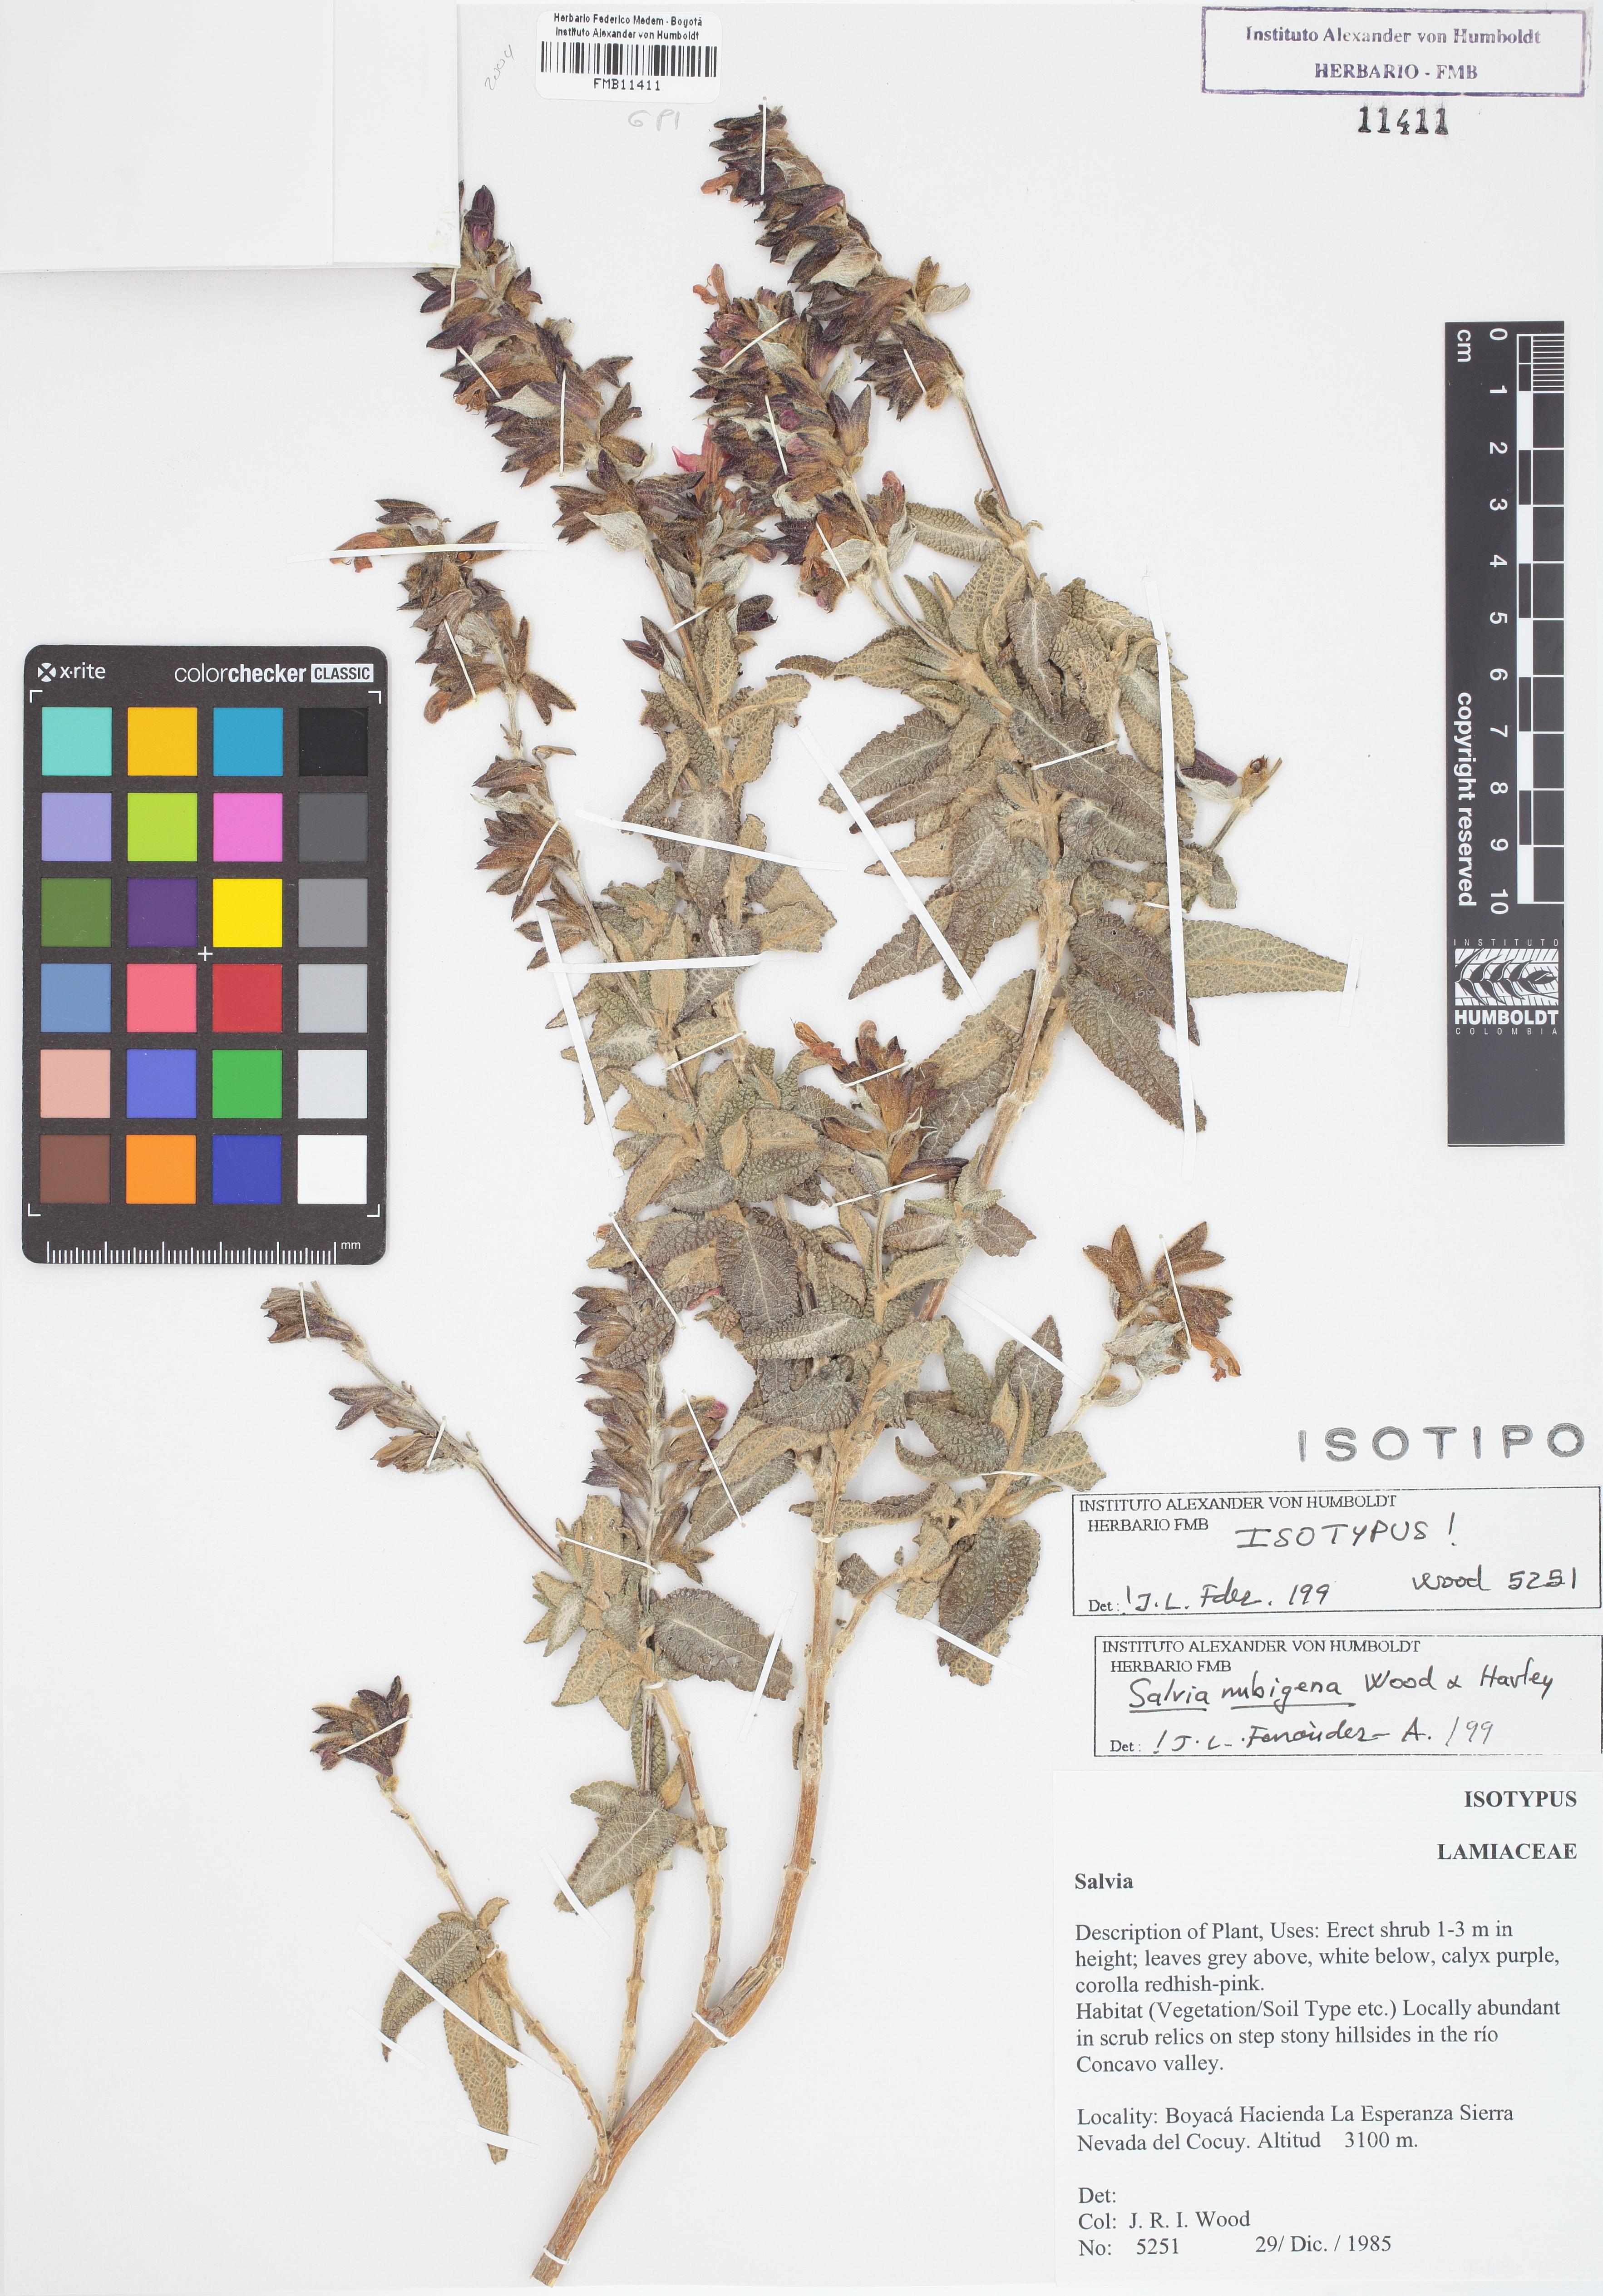 Isotipo de <em>Salvia nubigena</em>, FMB-11411, Fotografía por Robles A.